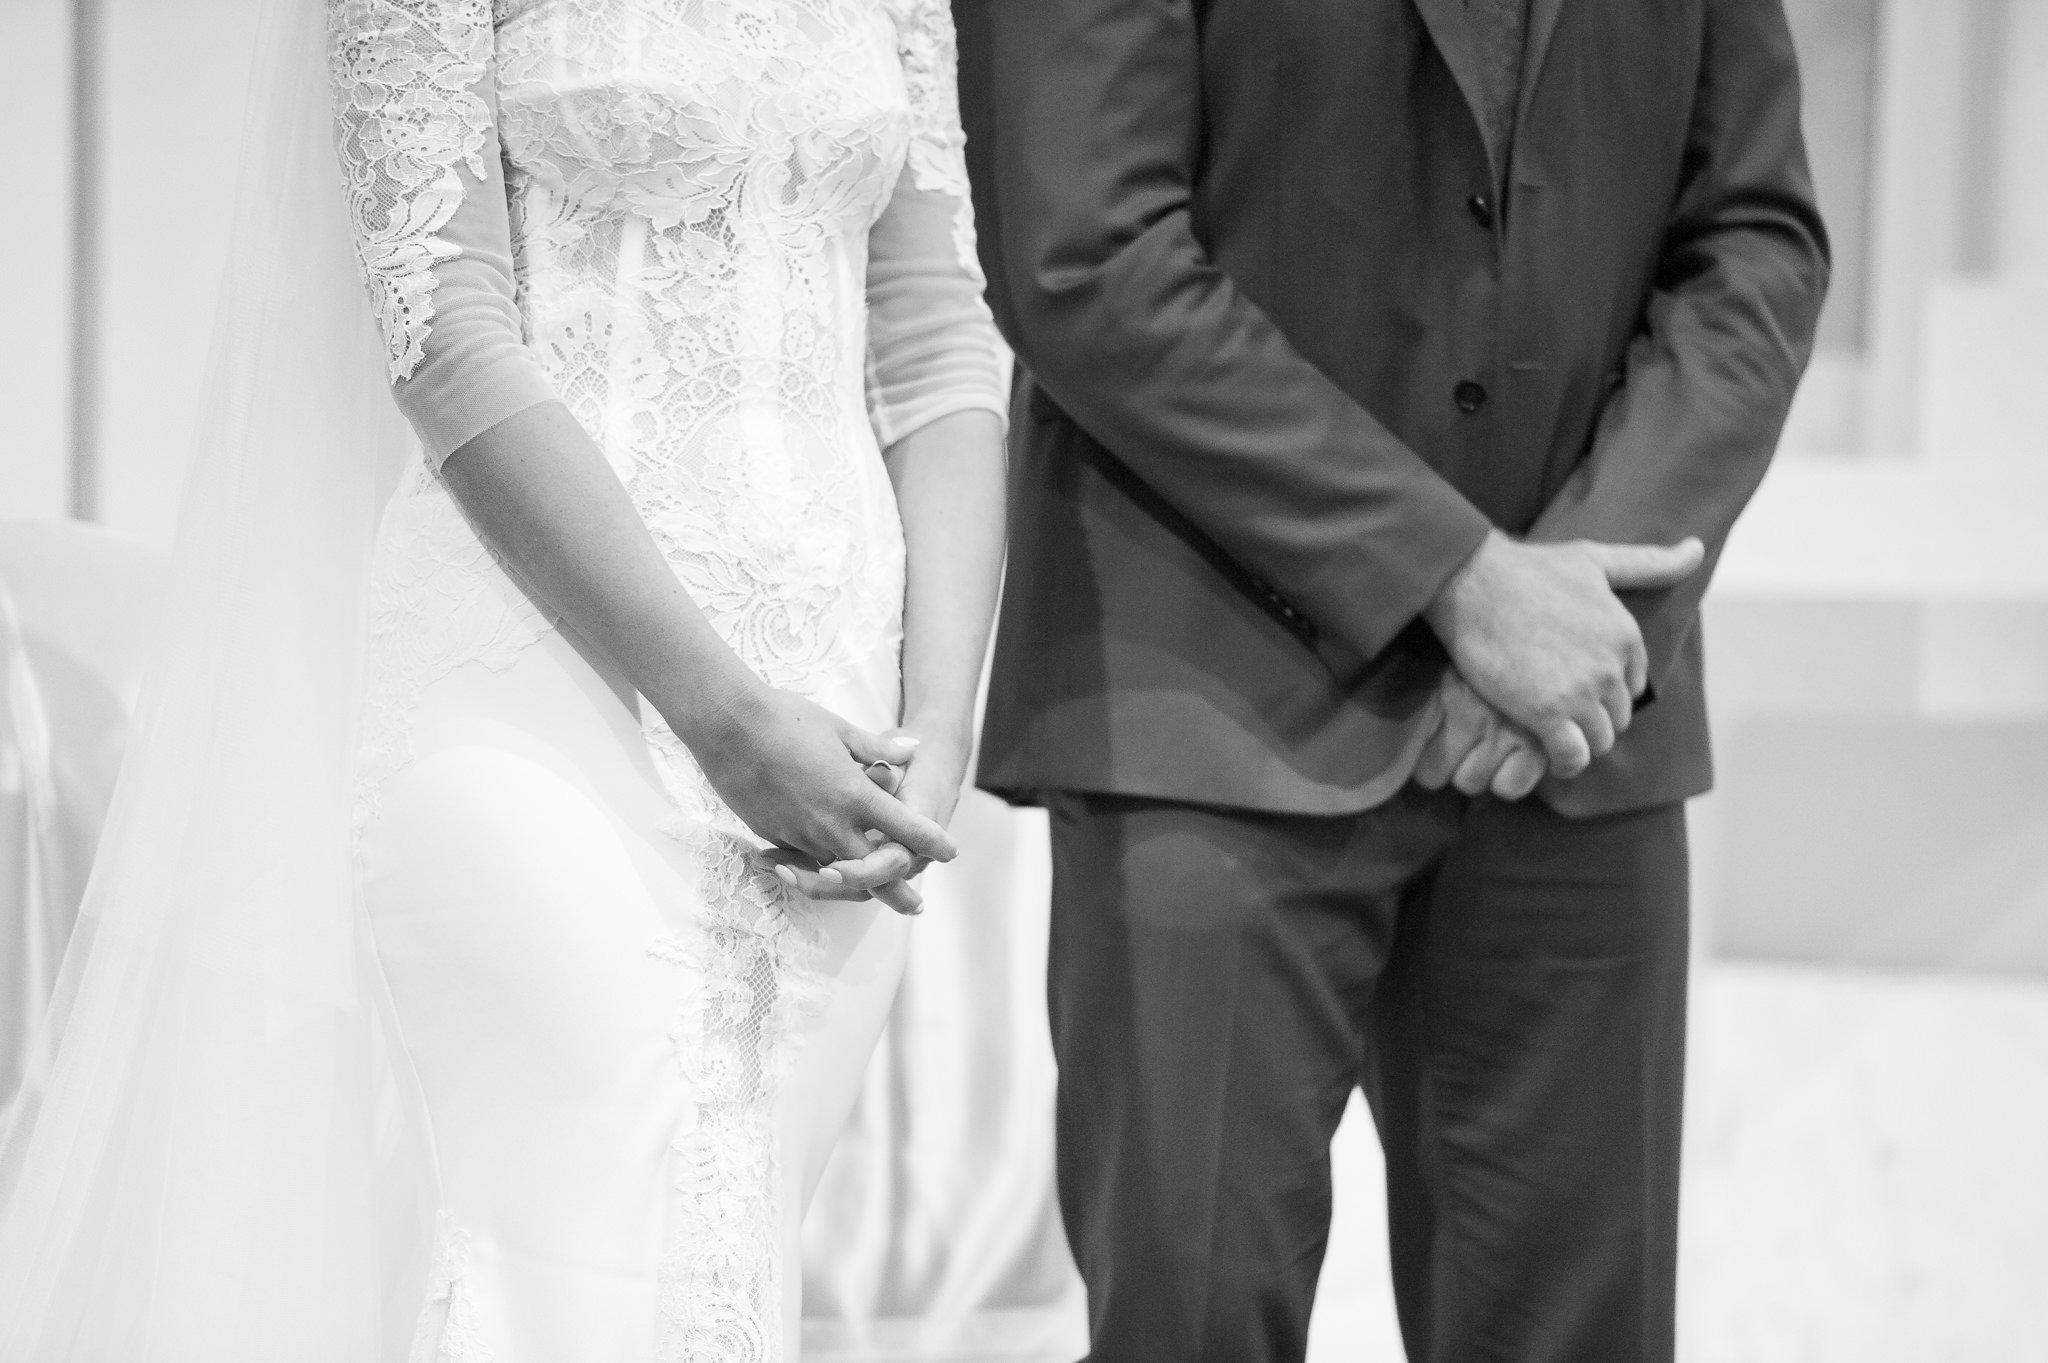 bride and groom hands